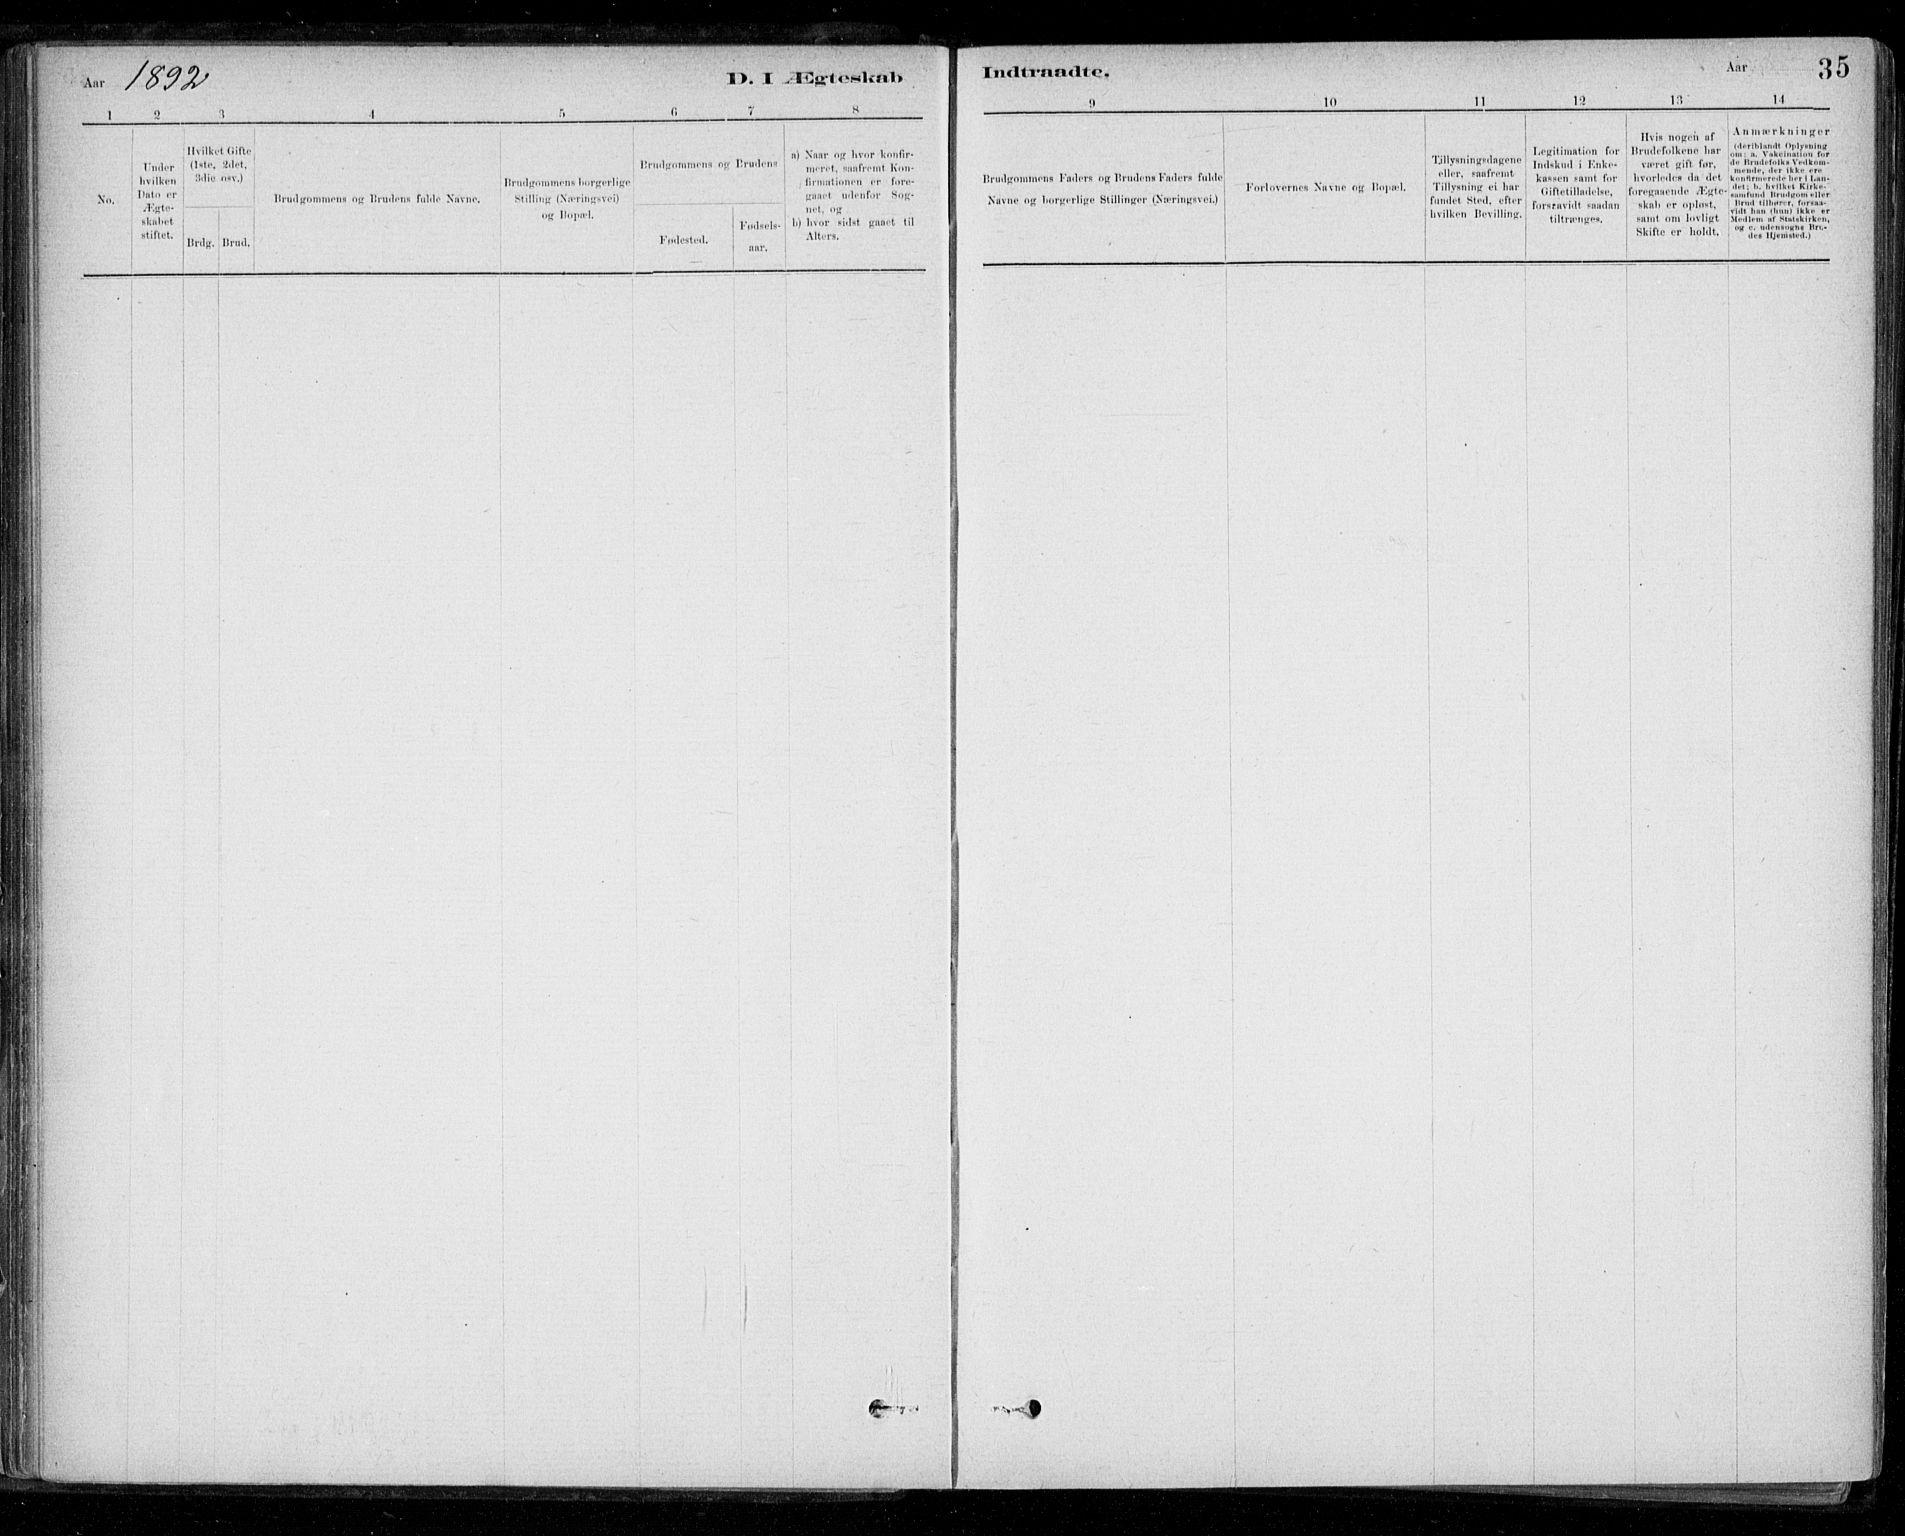 SAT, Ministerialprotokoller, klokkerbøker og fødselsregistre - Sør-Trøndelag, 668/L0810: Ministerialbok nr. 668A10, 1881-1894, s. 35